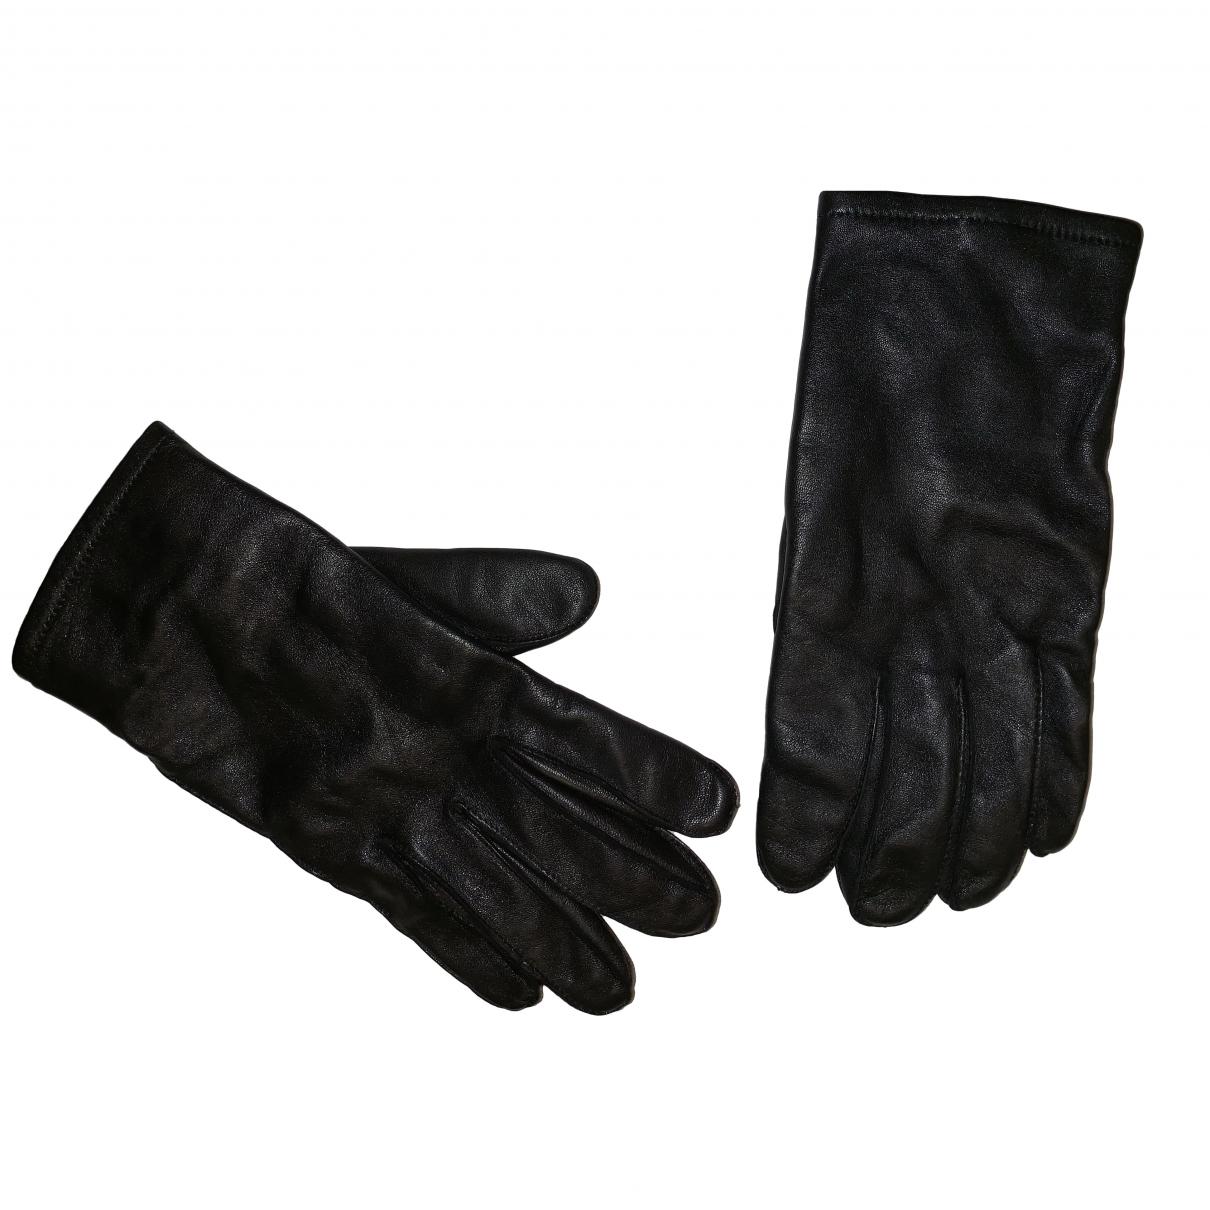 Sandro \N Black Leather Gloves for Men M International